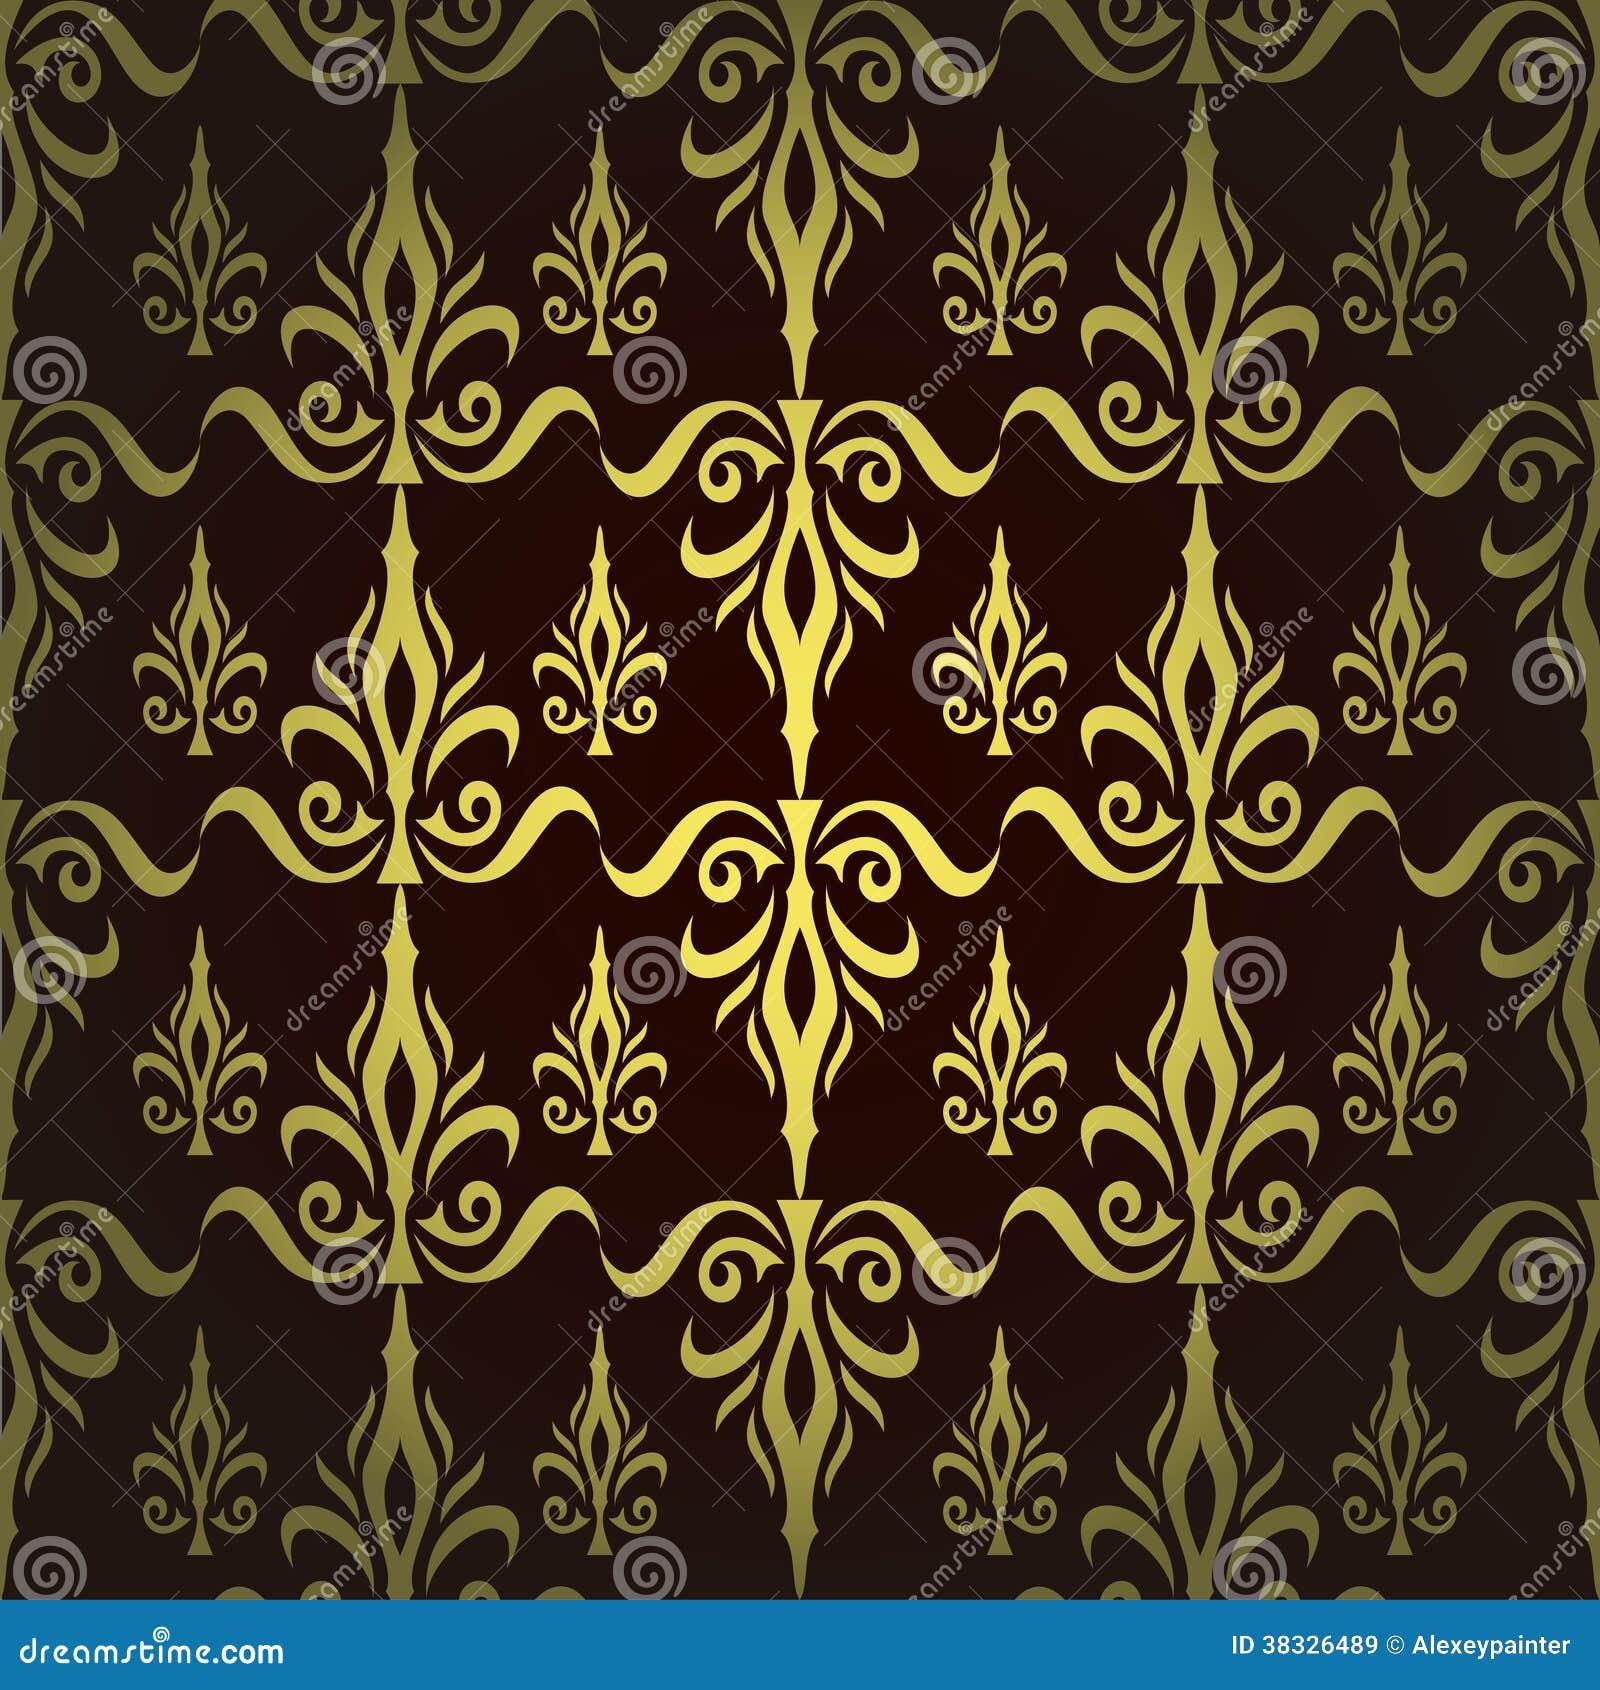 pattern royalty background patterns - photo #7